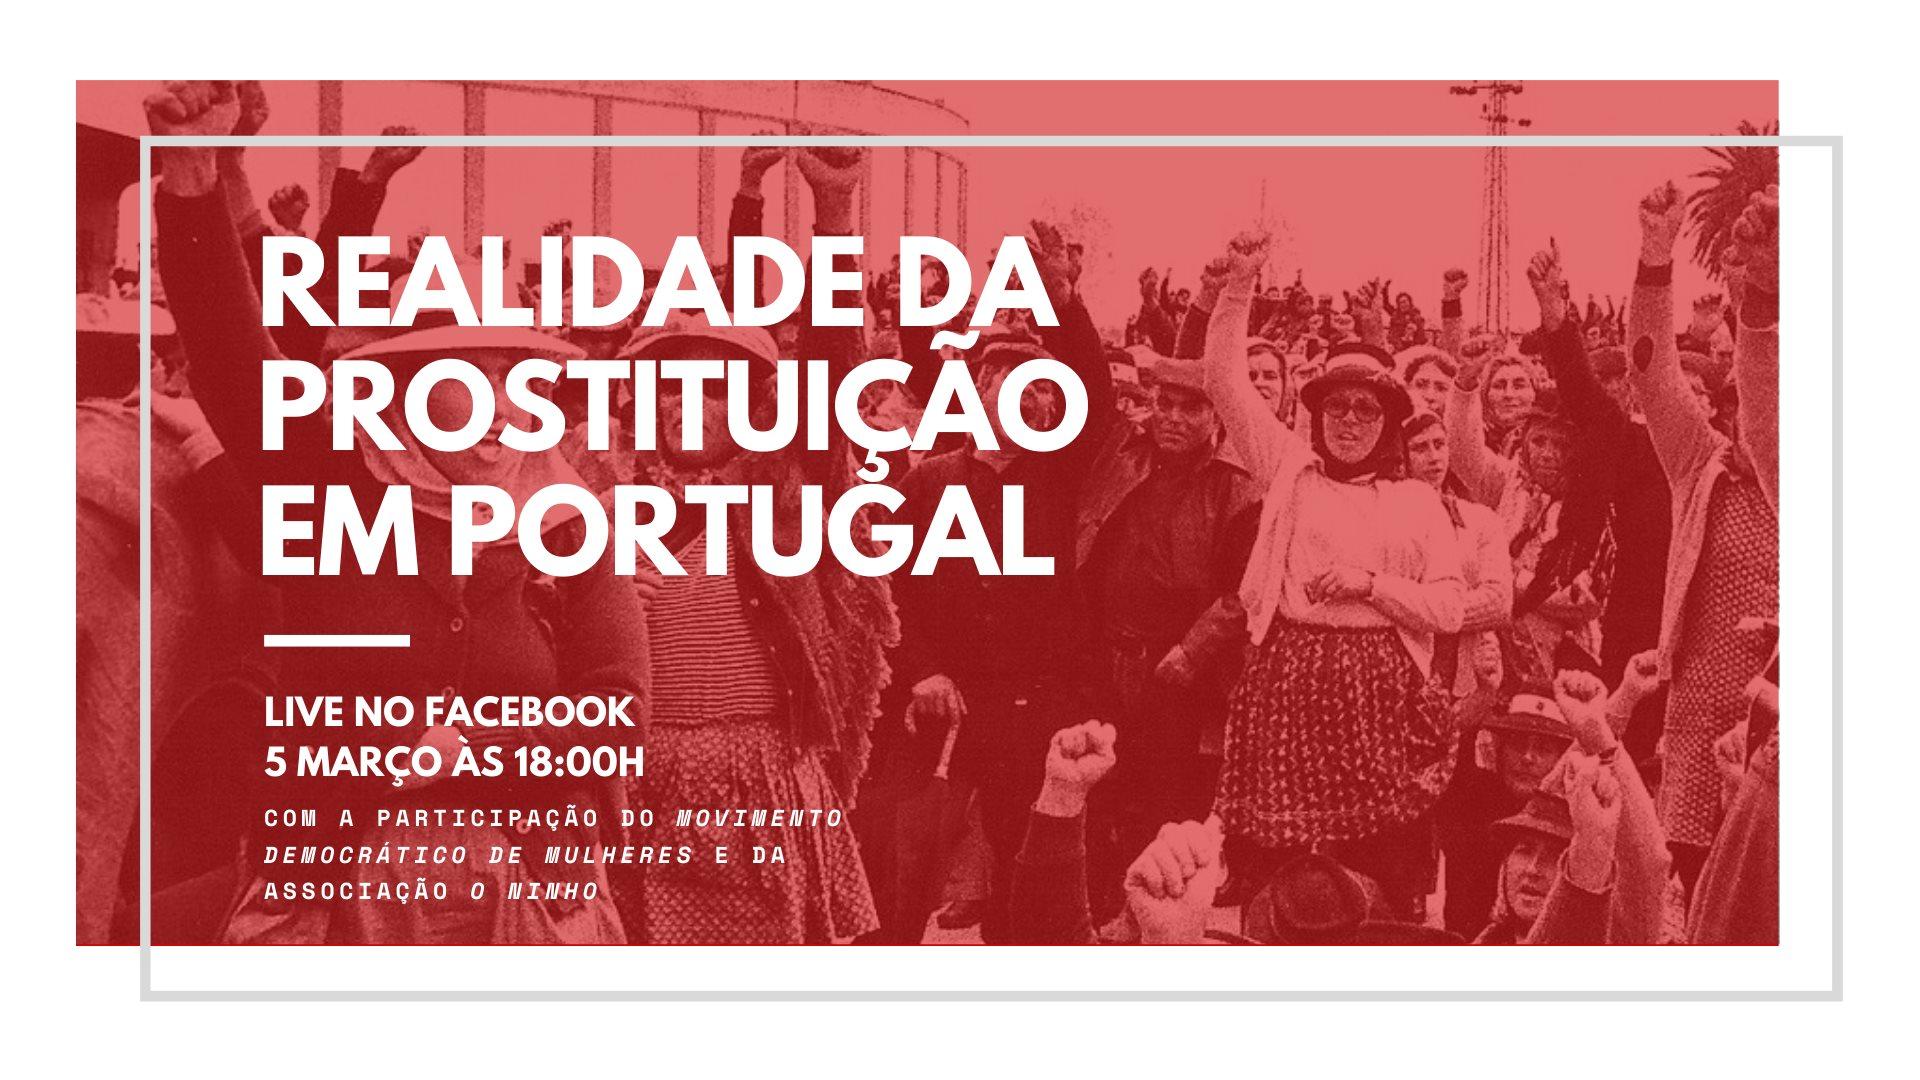 A Realidade da Prostituição em Portugal